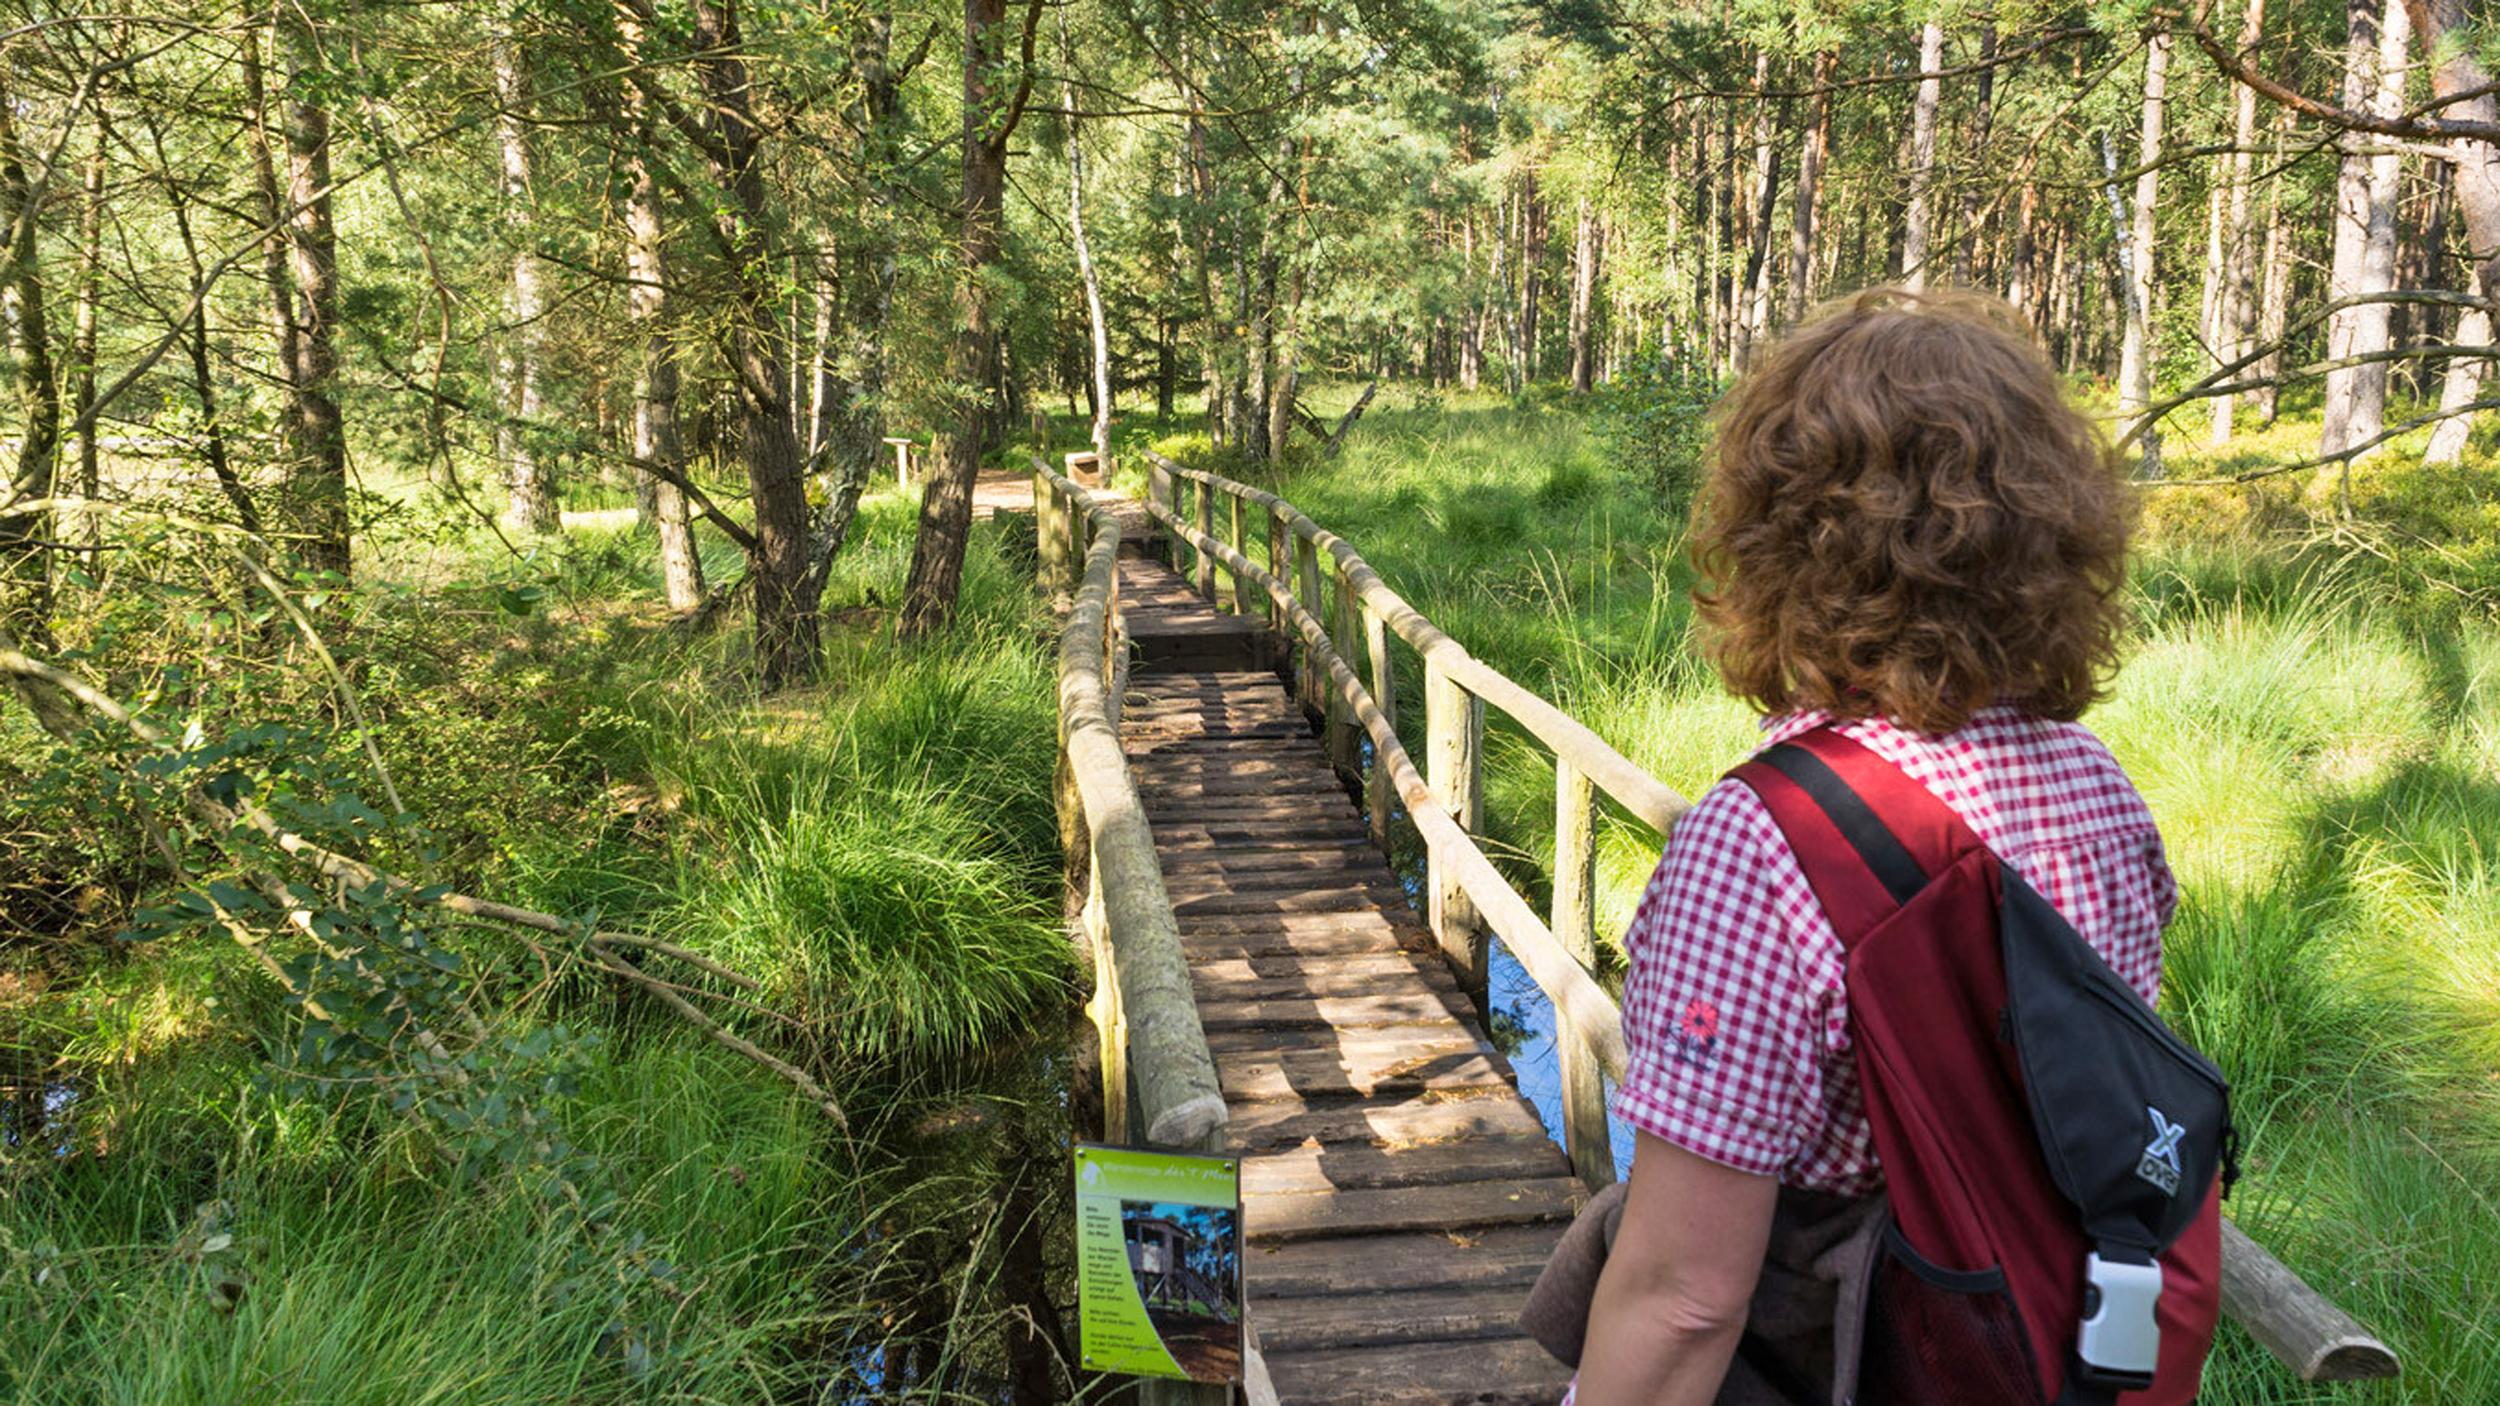 Der Schwingrasen bzw. die Wackelbrücke - betreten auf eigene Gefahr - macht voll Spaß